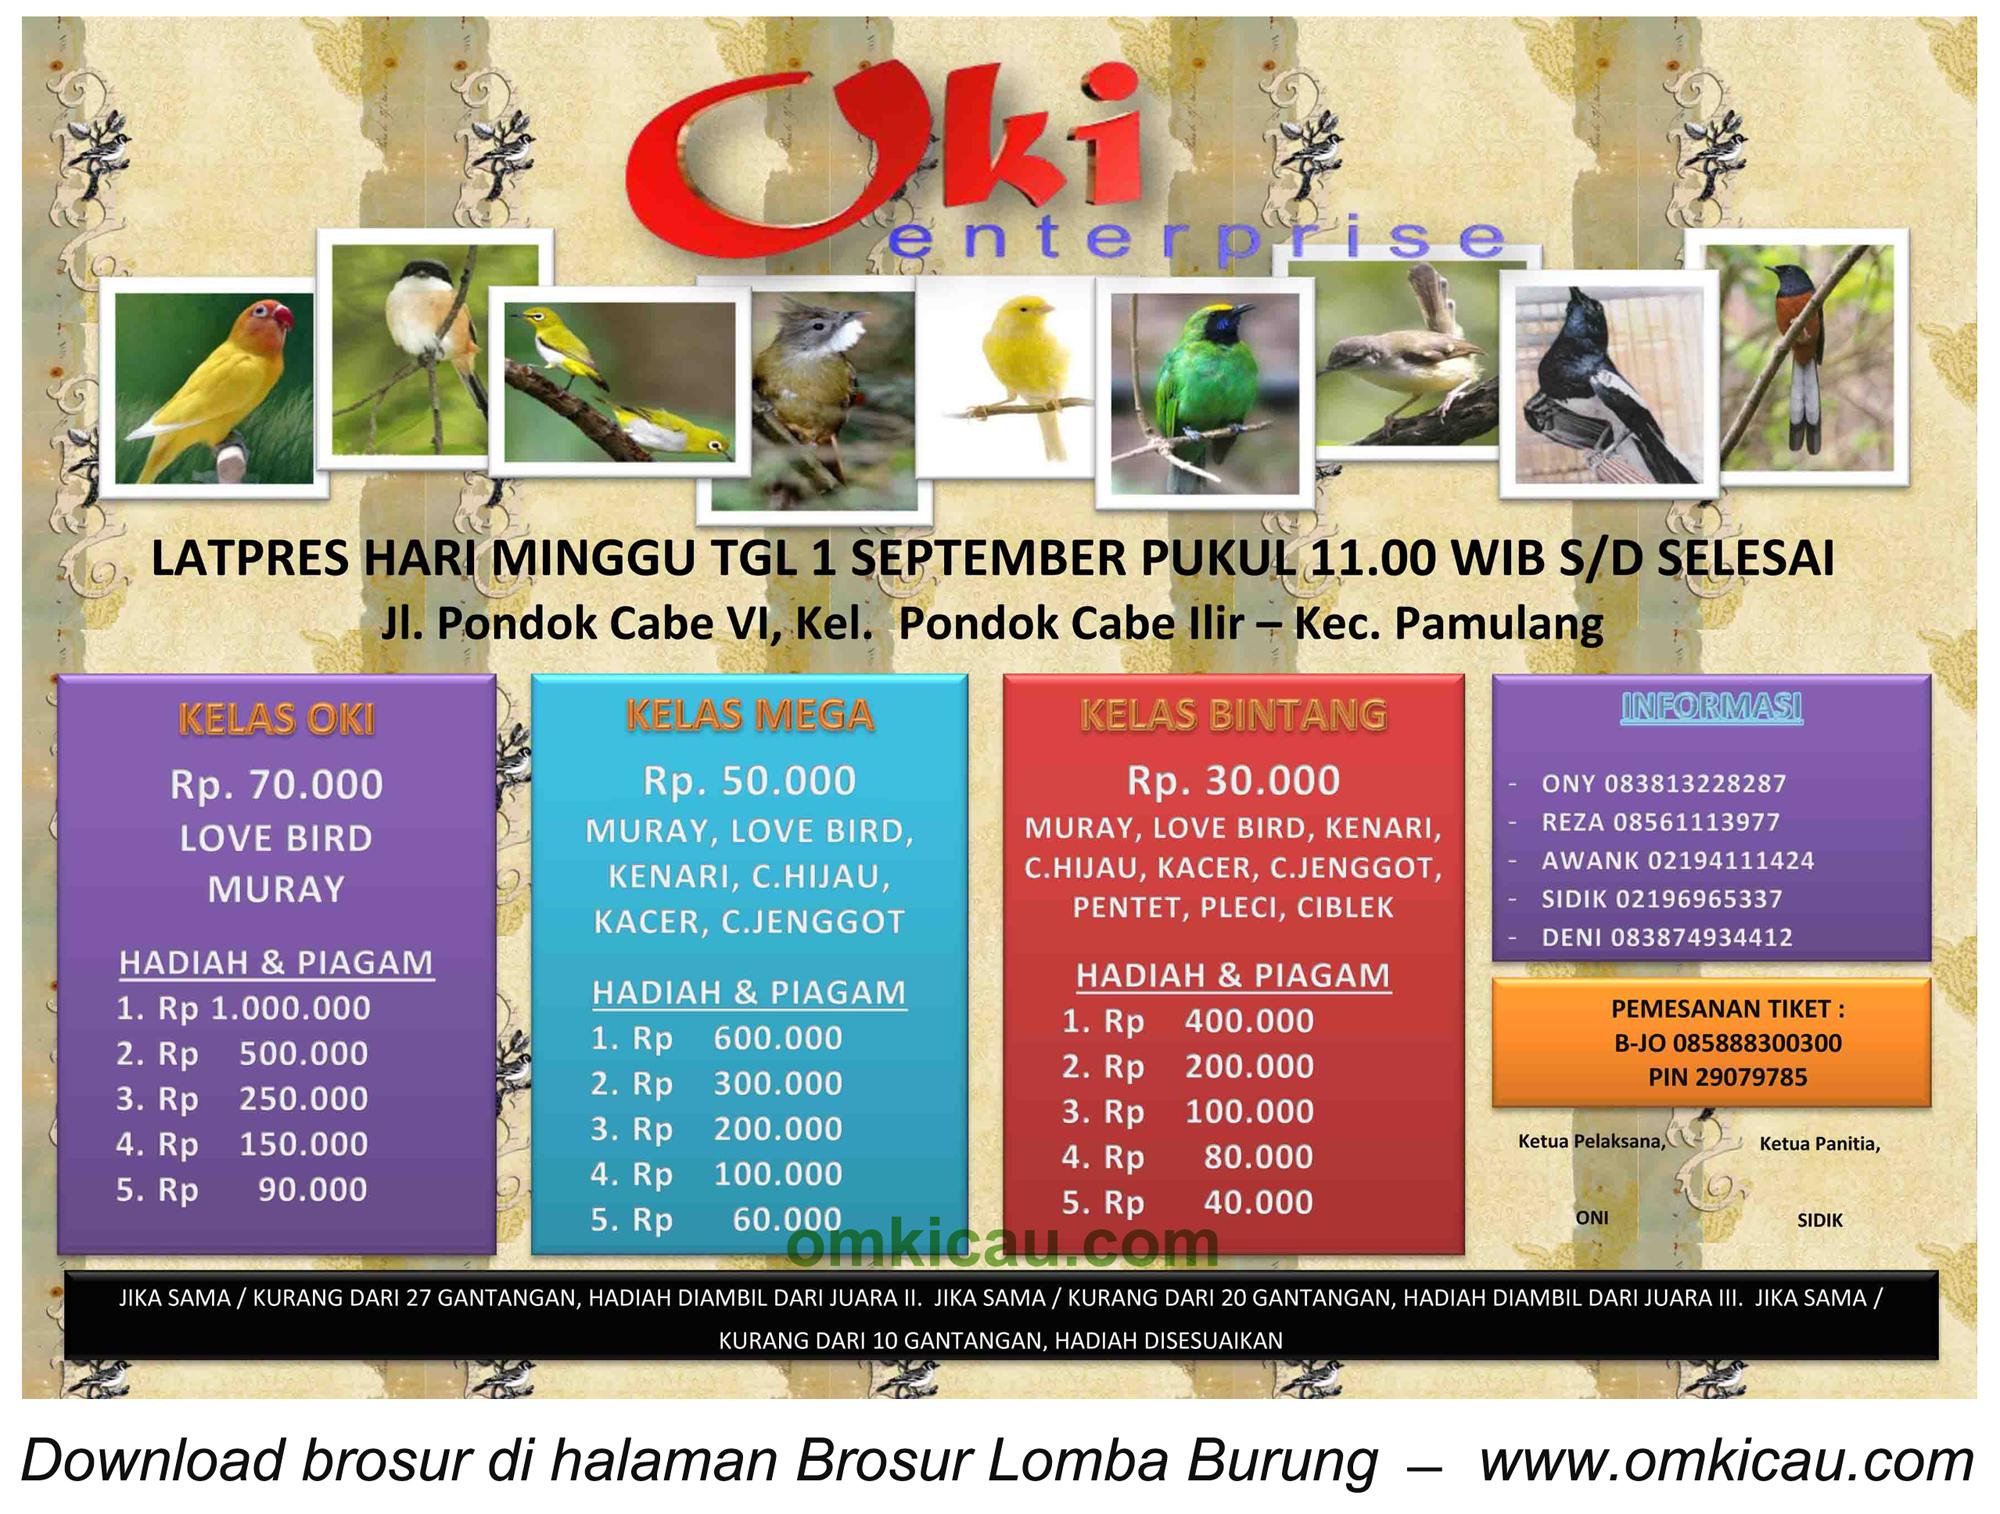 Brosur Latpres Burung OKI Enterprise, Pamulang, 1 Sept 2013